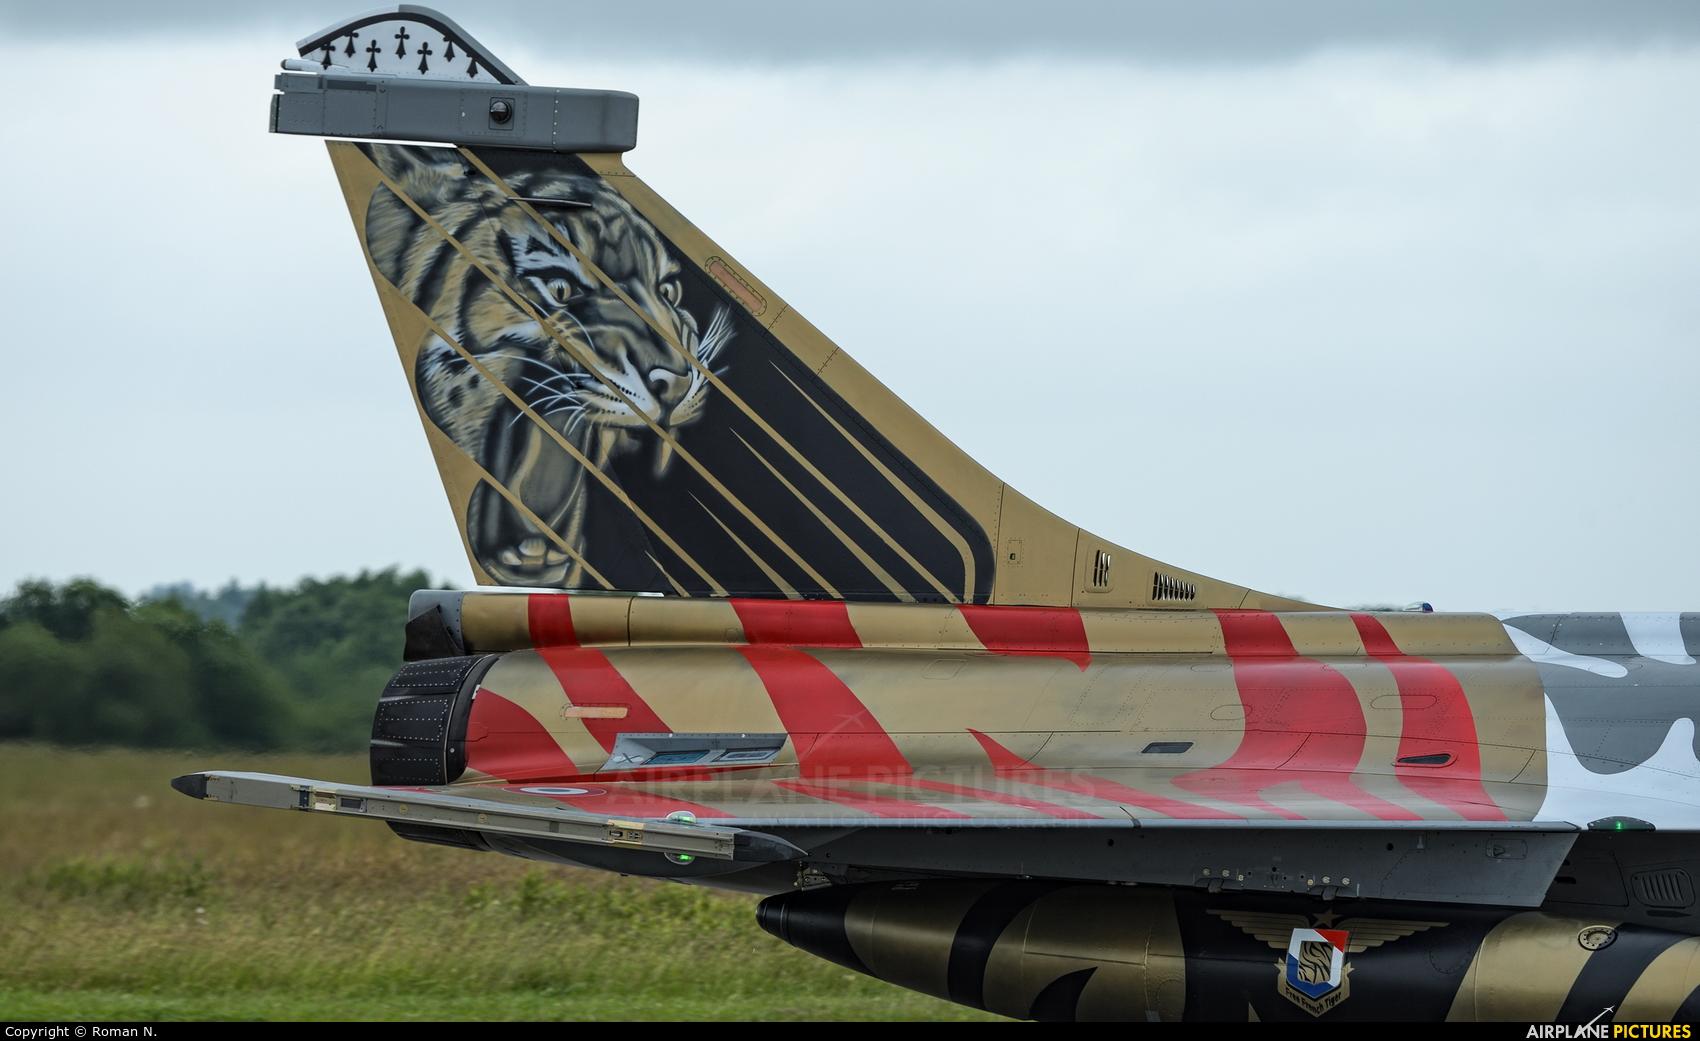 France - Air Force 143 aircraft at Landivisiau